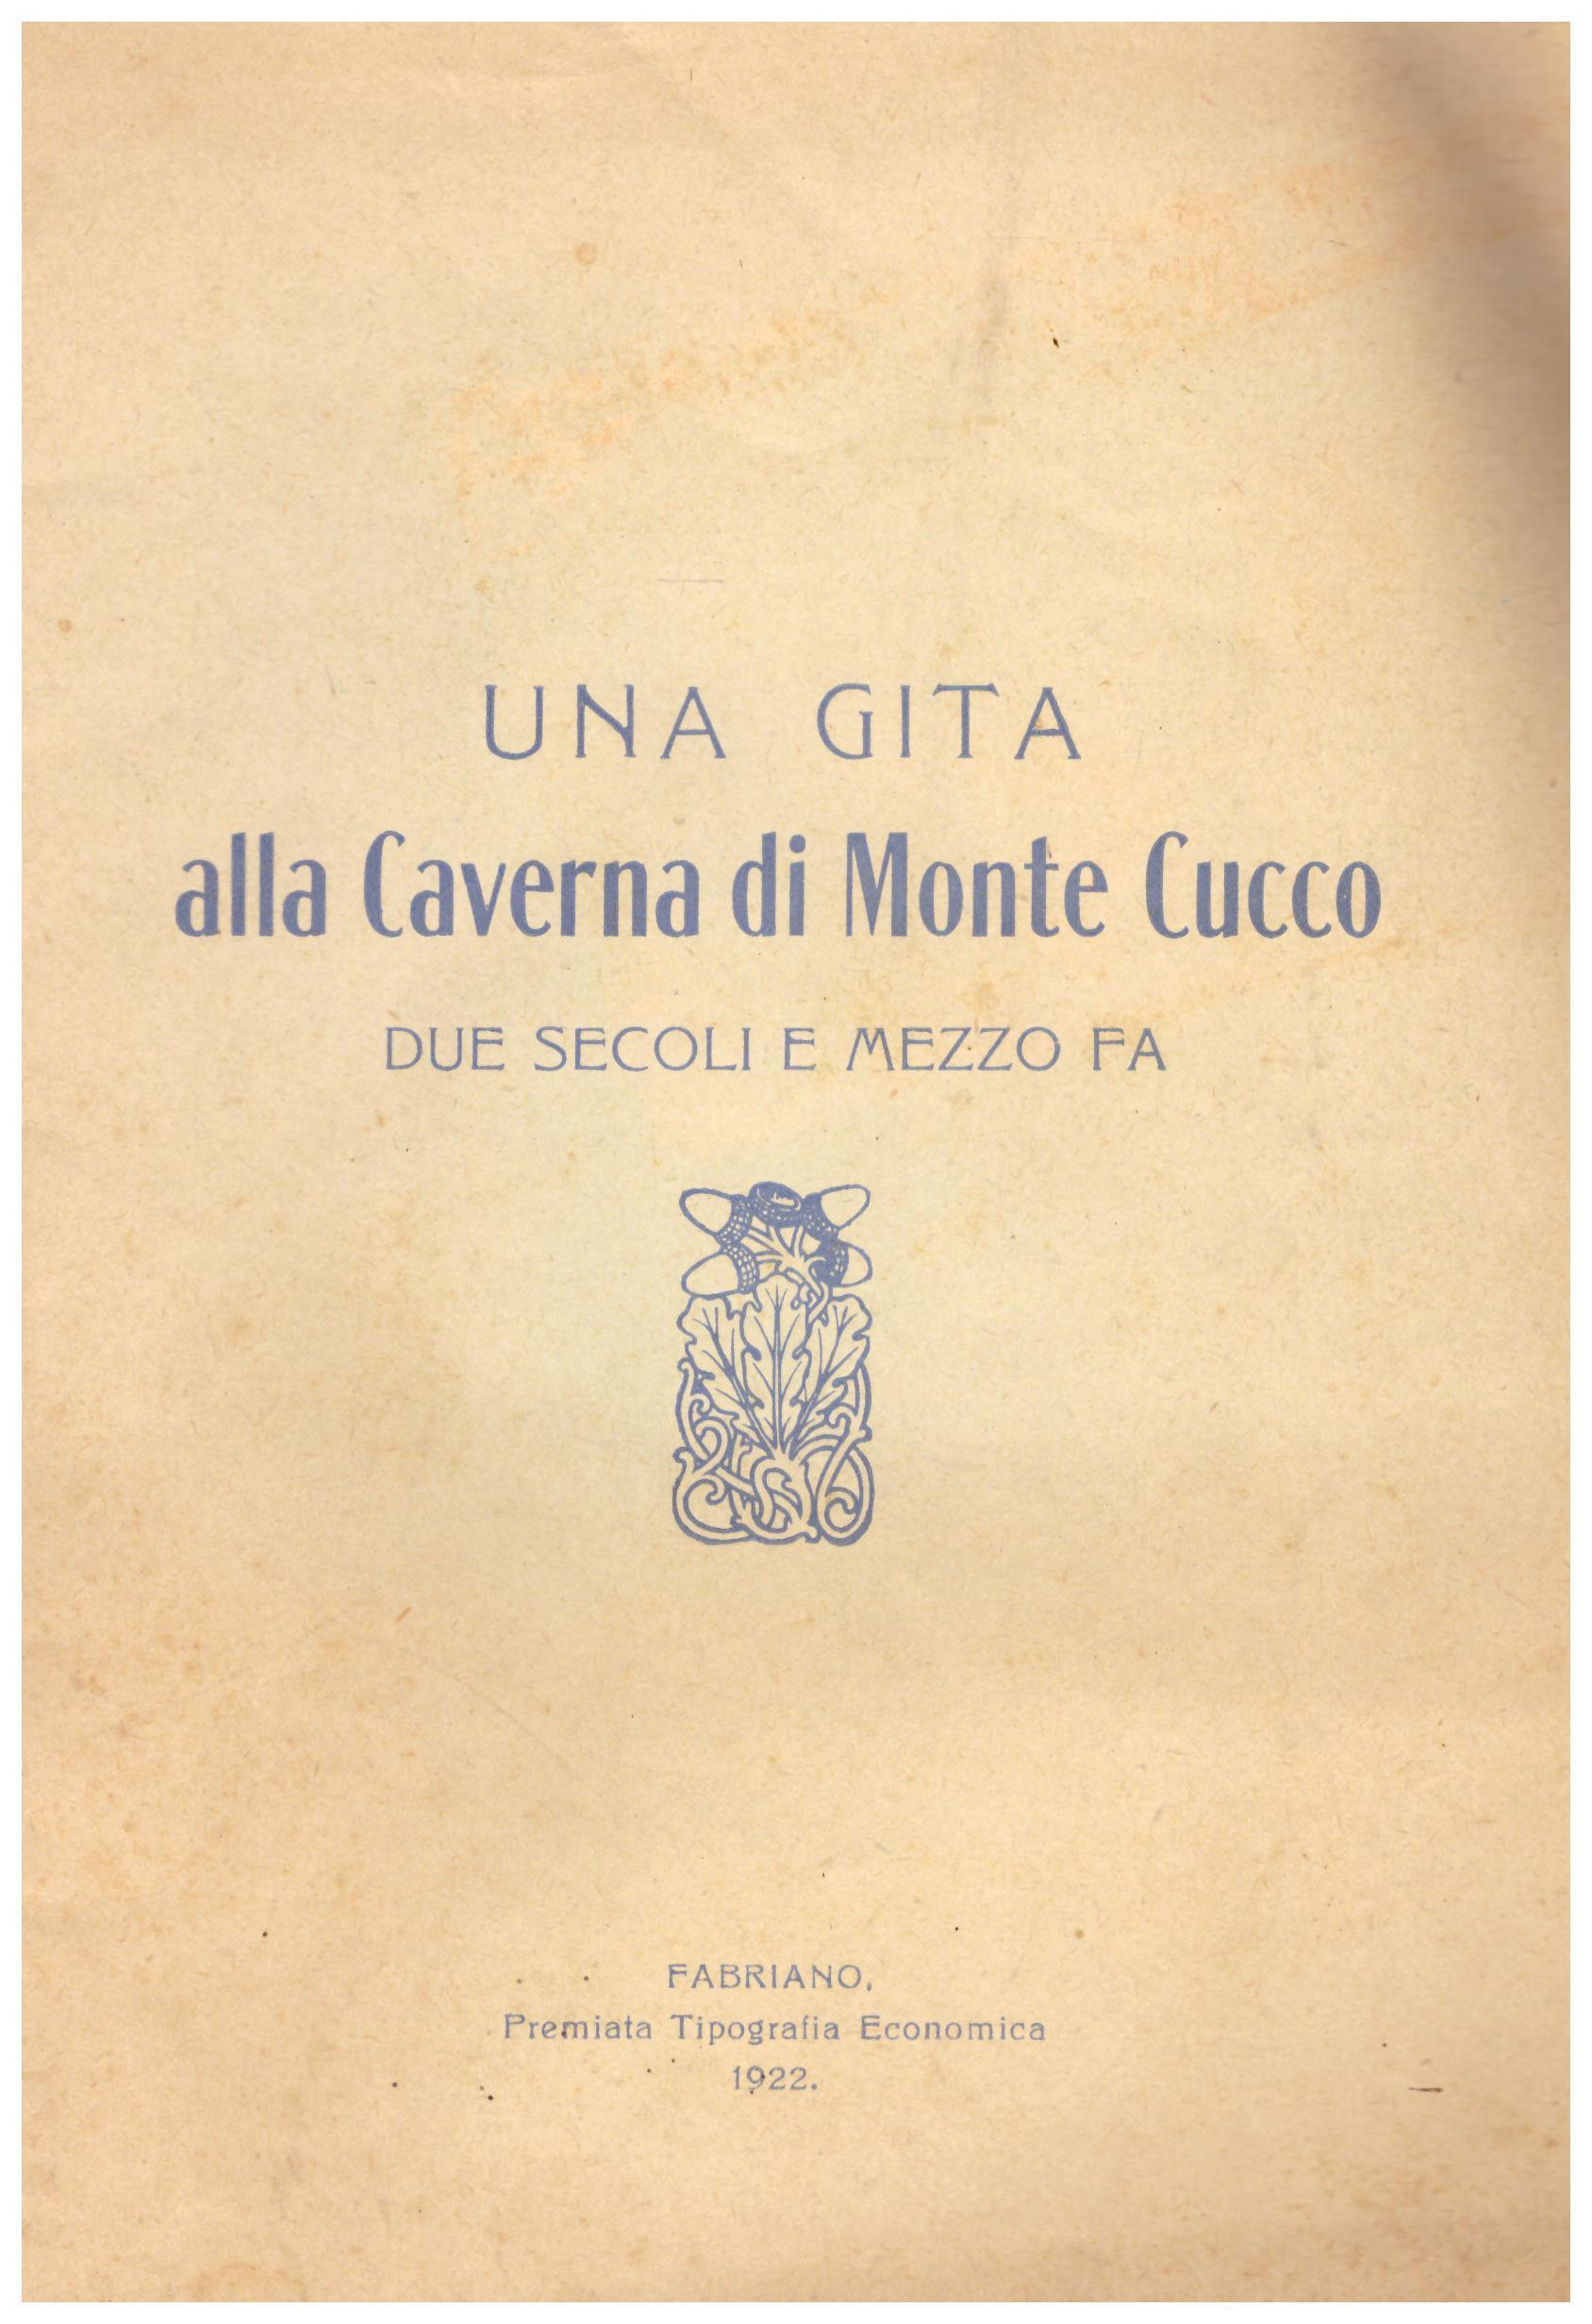 Titolo: Una gita alla caverna del monte Cucco due secoli e mezzo fa Autore : AA.VV.  Editore: premiata tipografia economica, Fabriano 1922